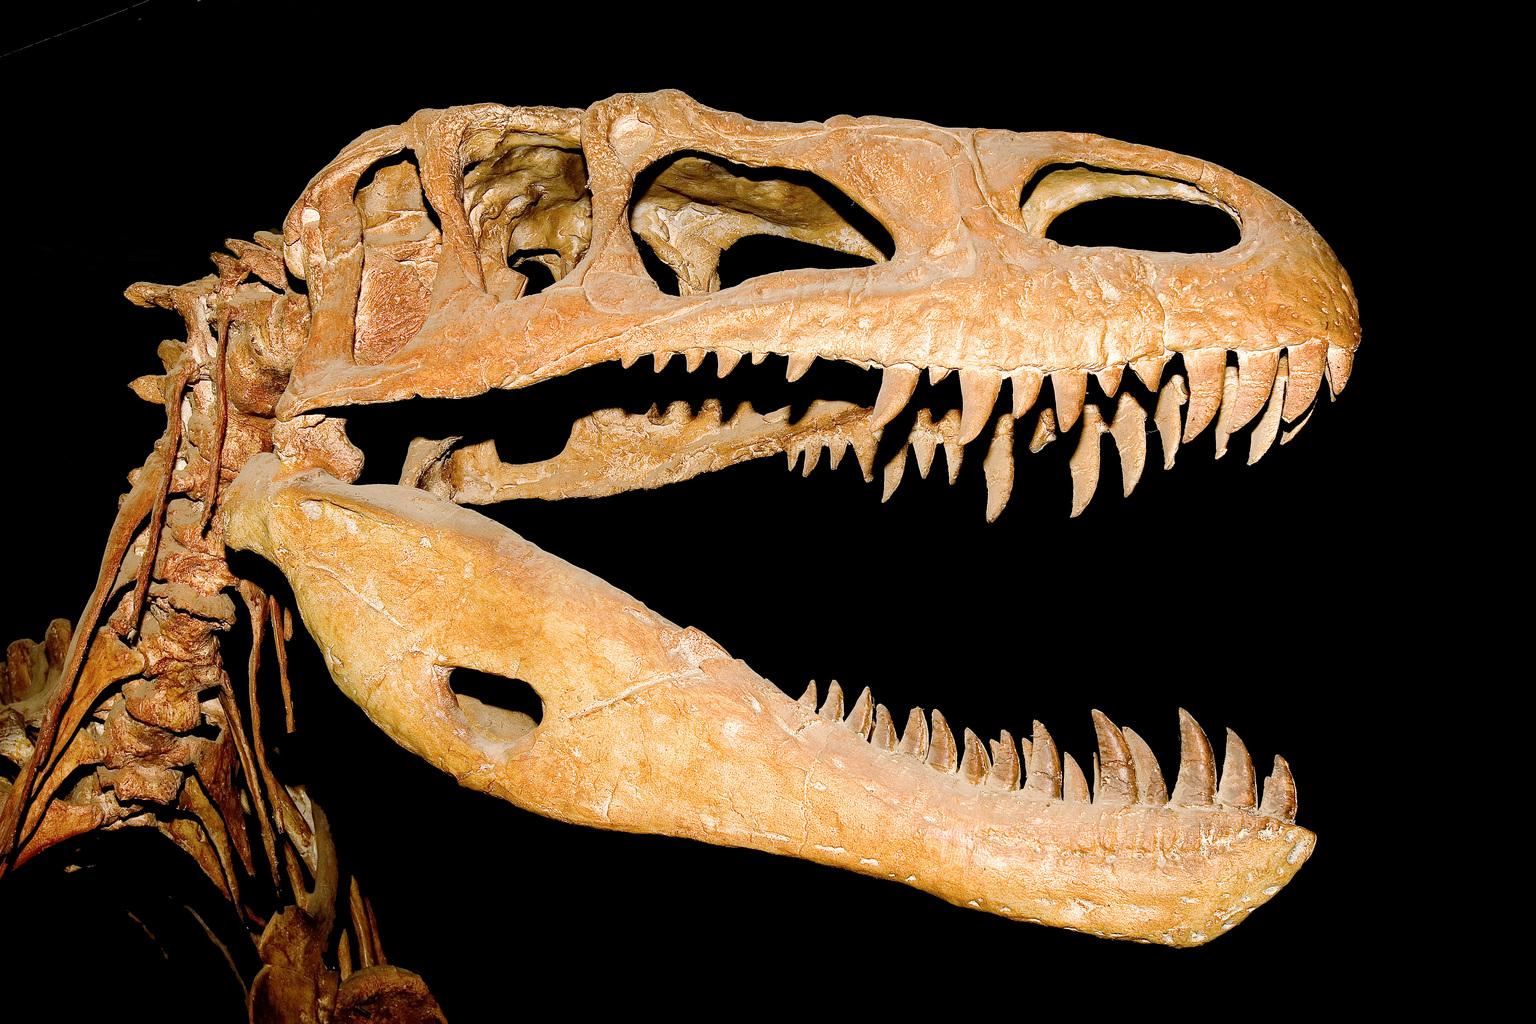 illusztráció - Afrovenator abakensis theropoda dinosuaurusz 135 millió éves koponyája. (Fotó: AFP)